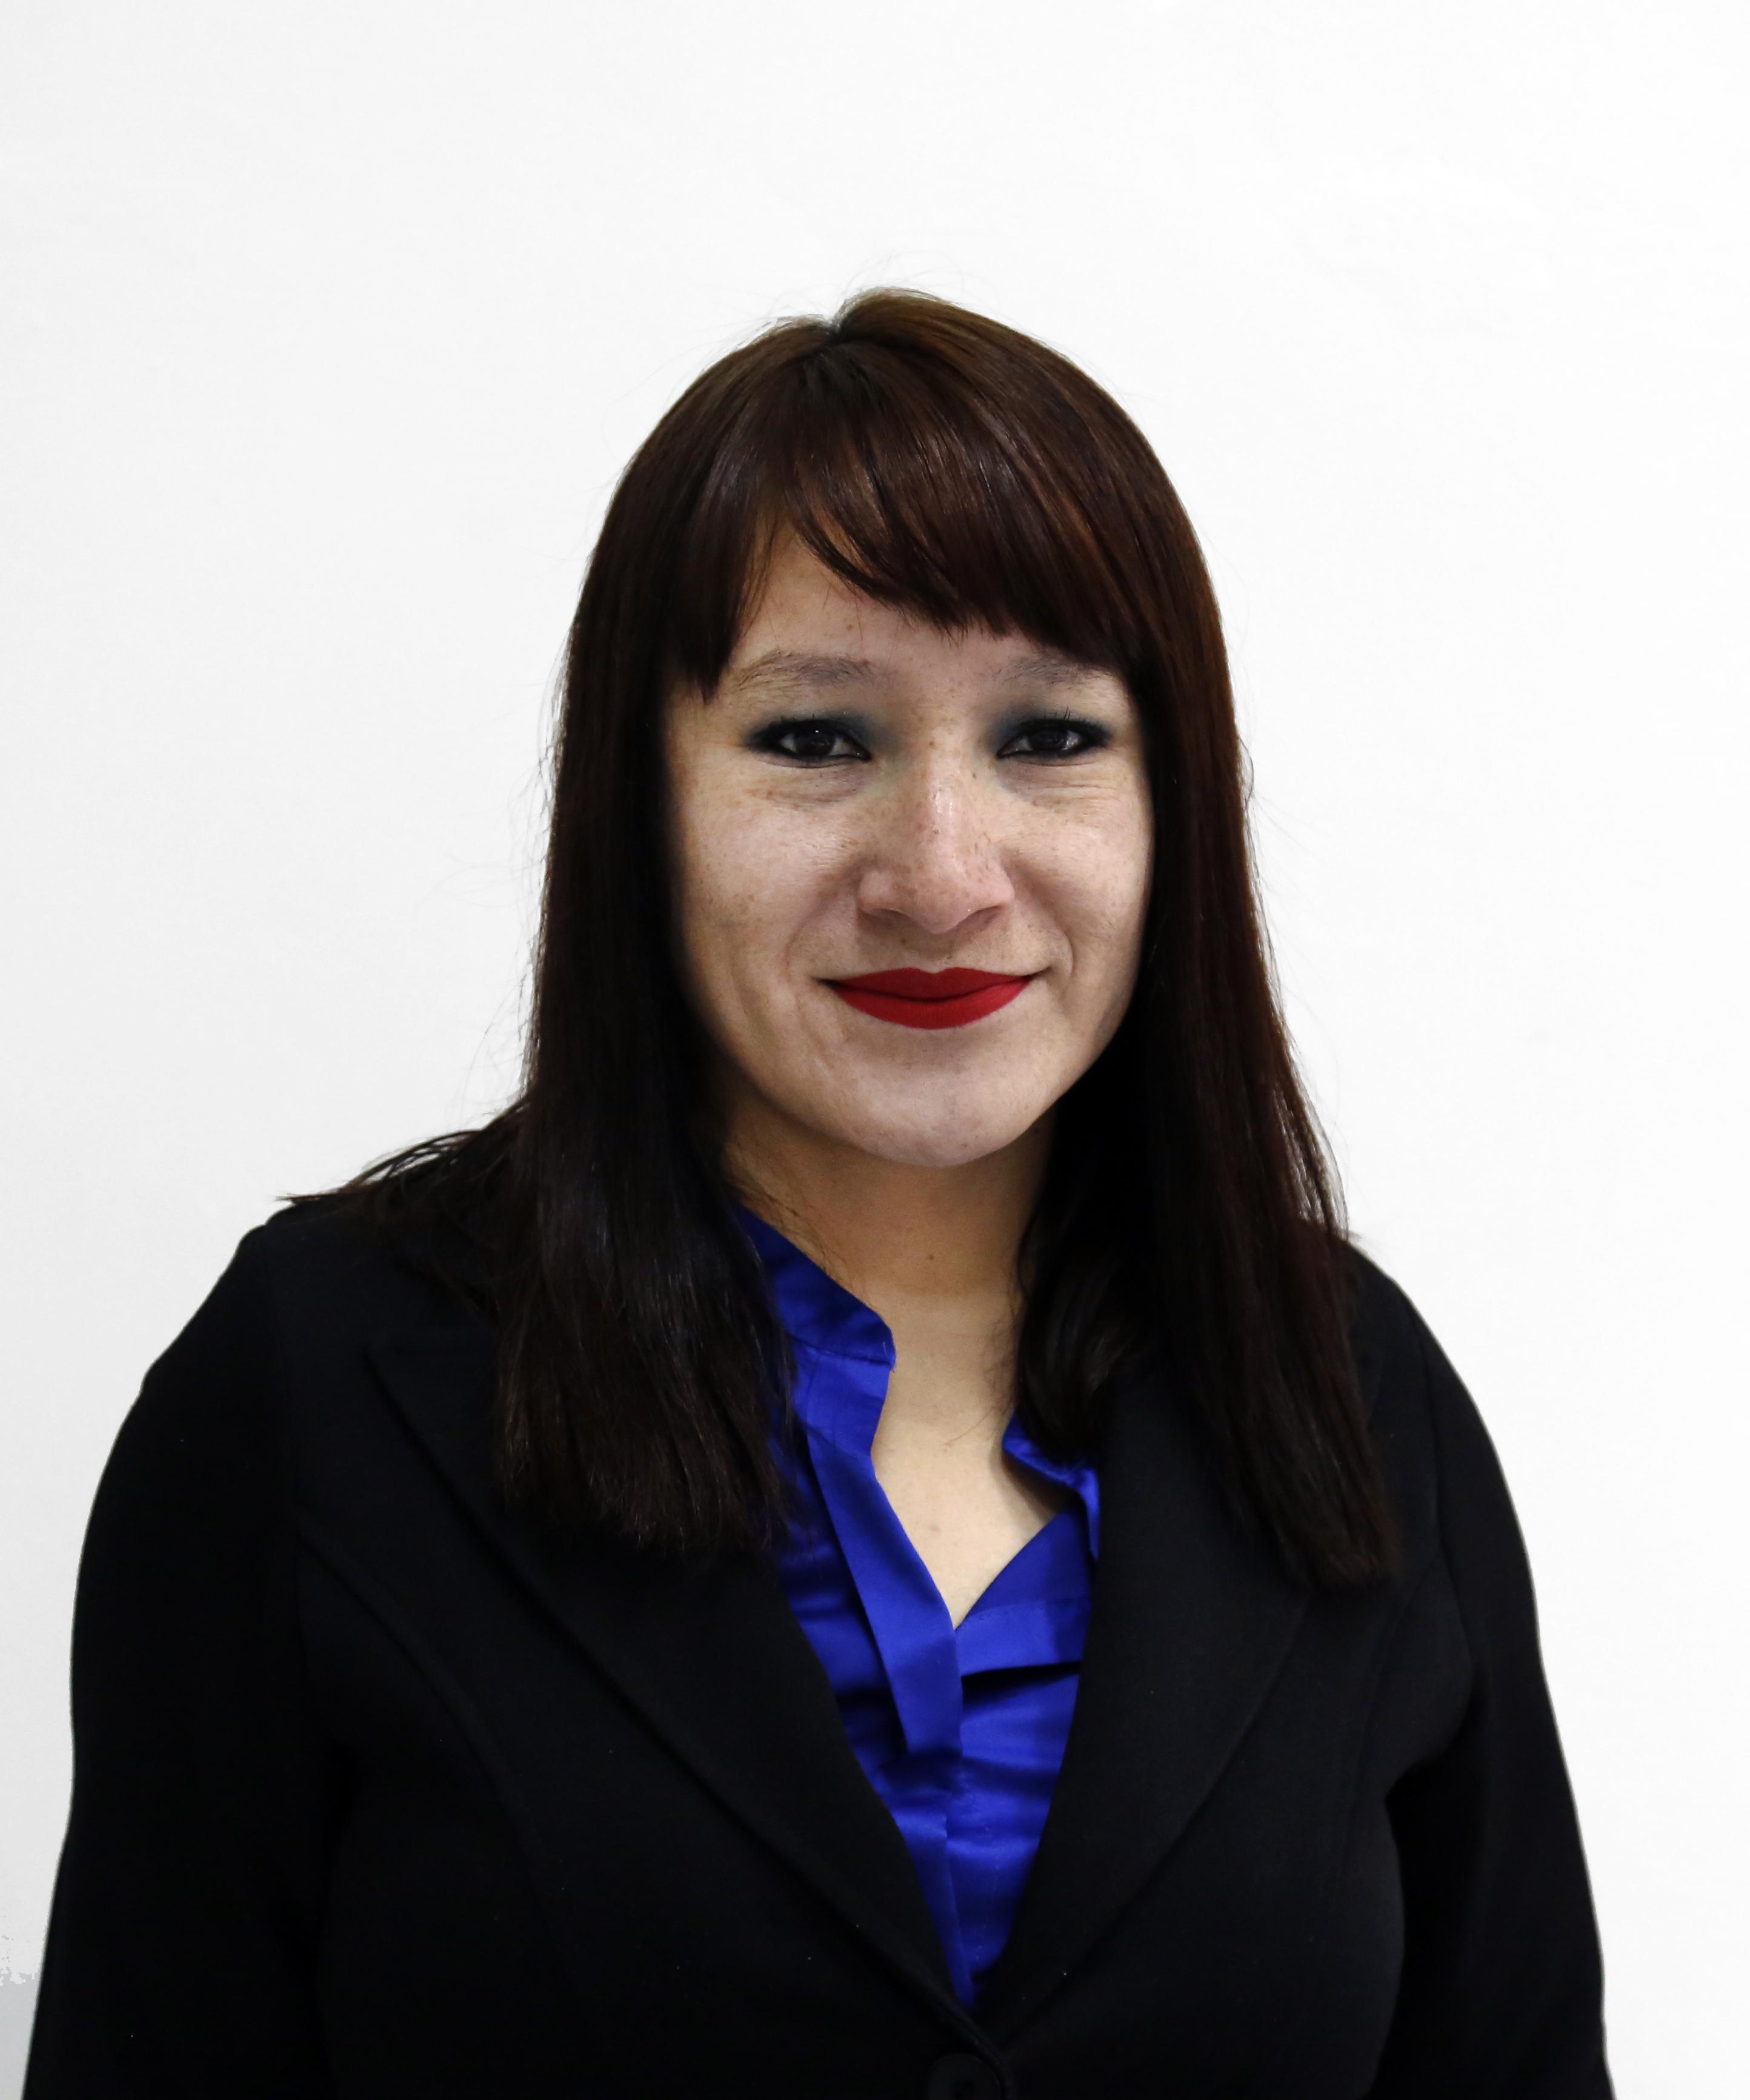 Celinda Perez